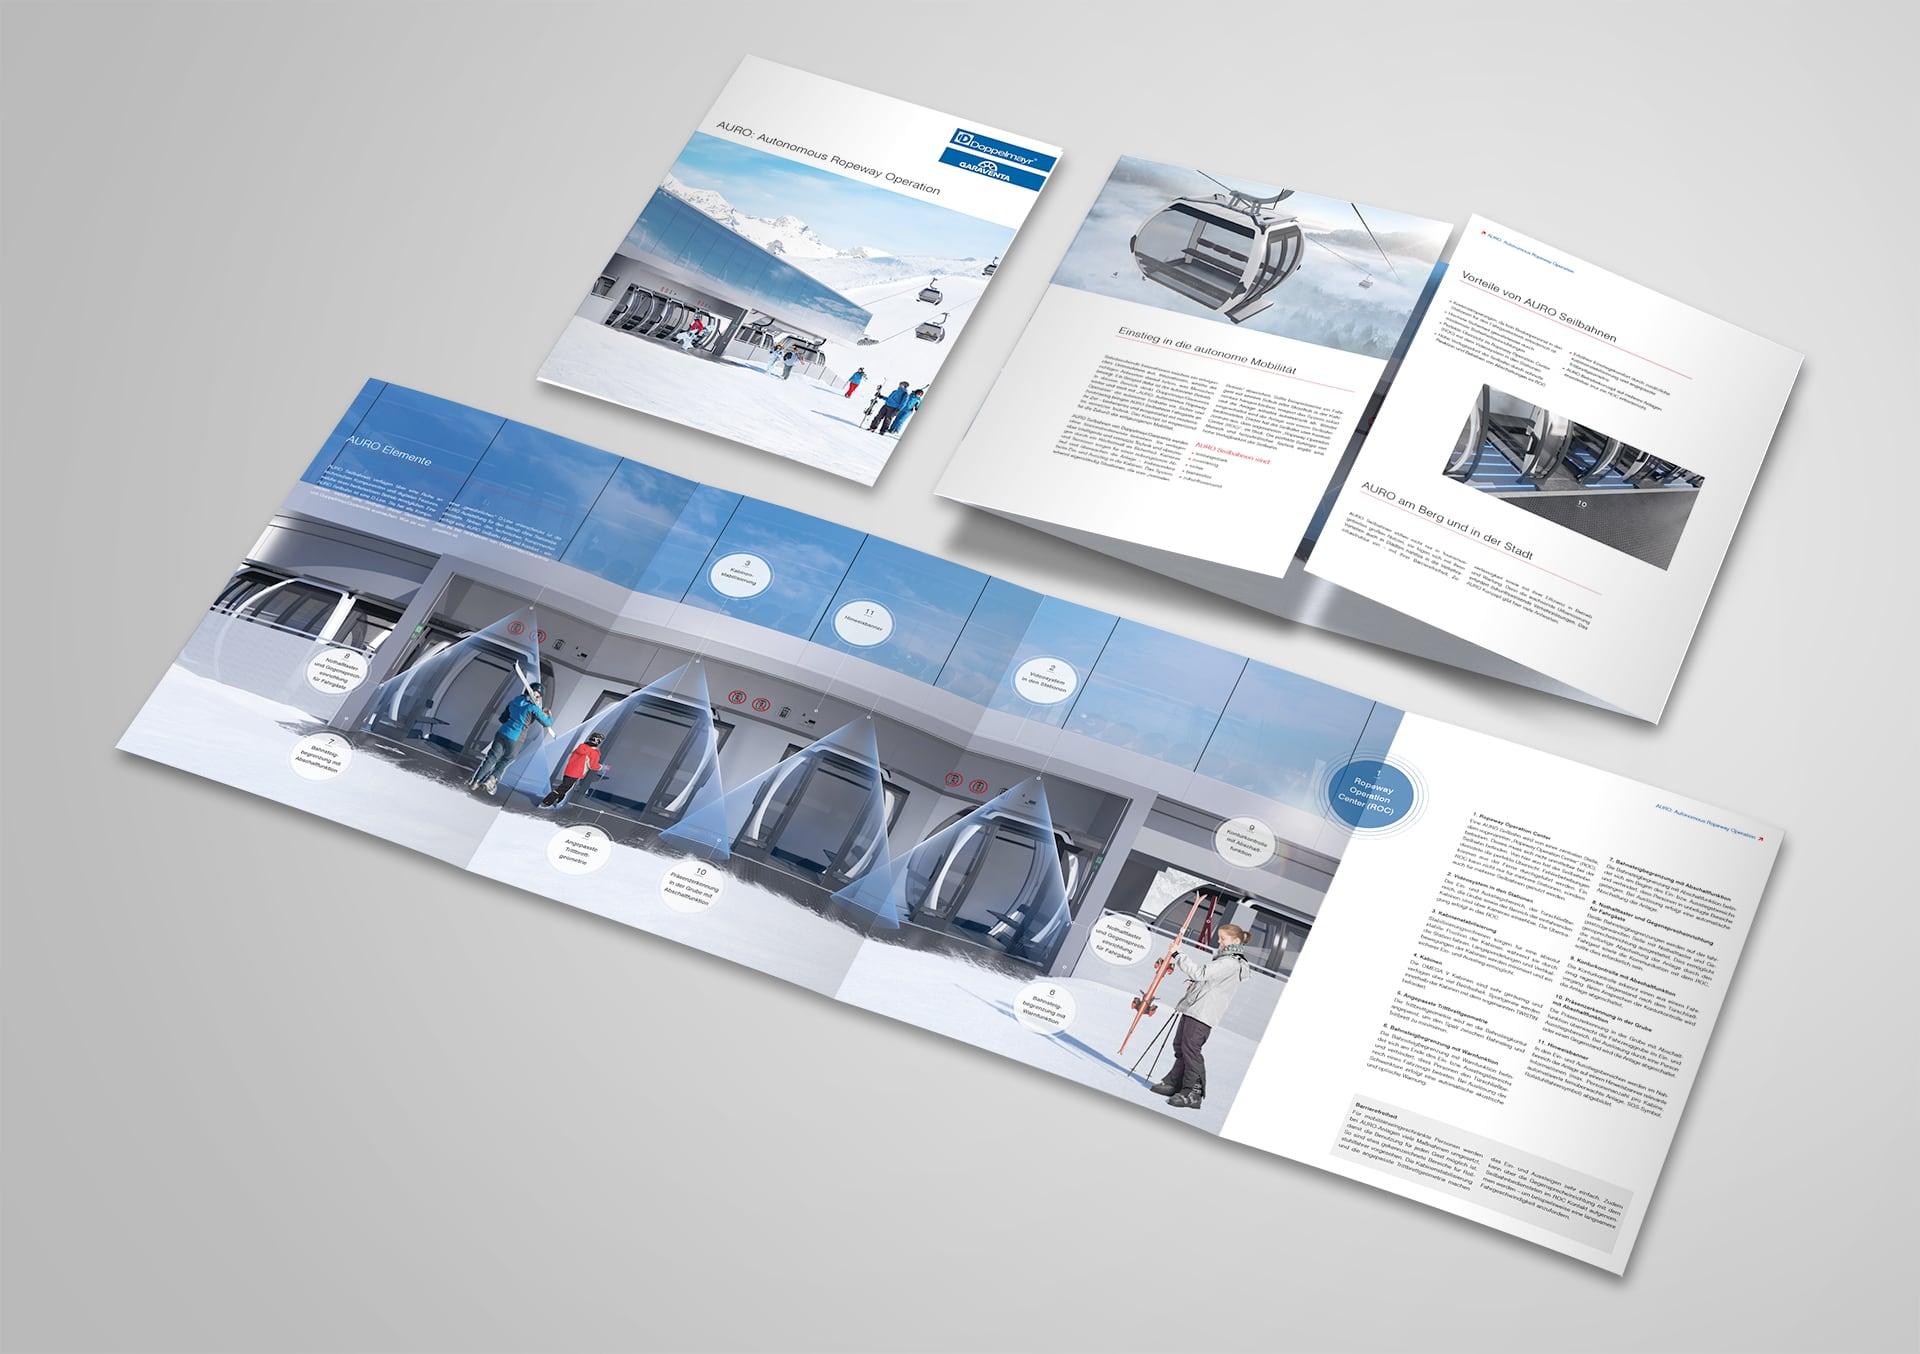 Doppelmayr Atria Broschüre Innenseite mit Funktionsgrafik